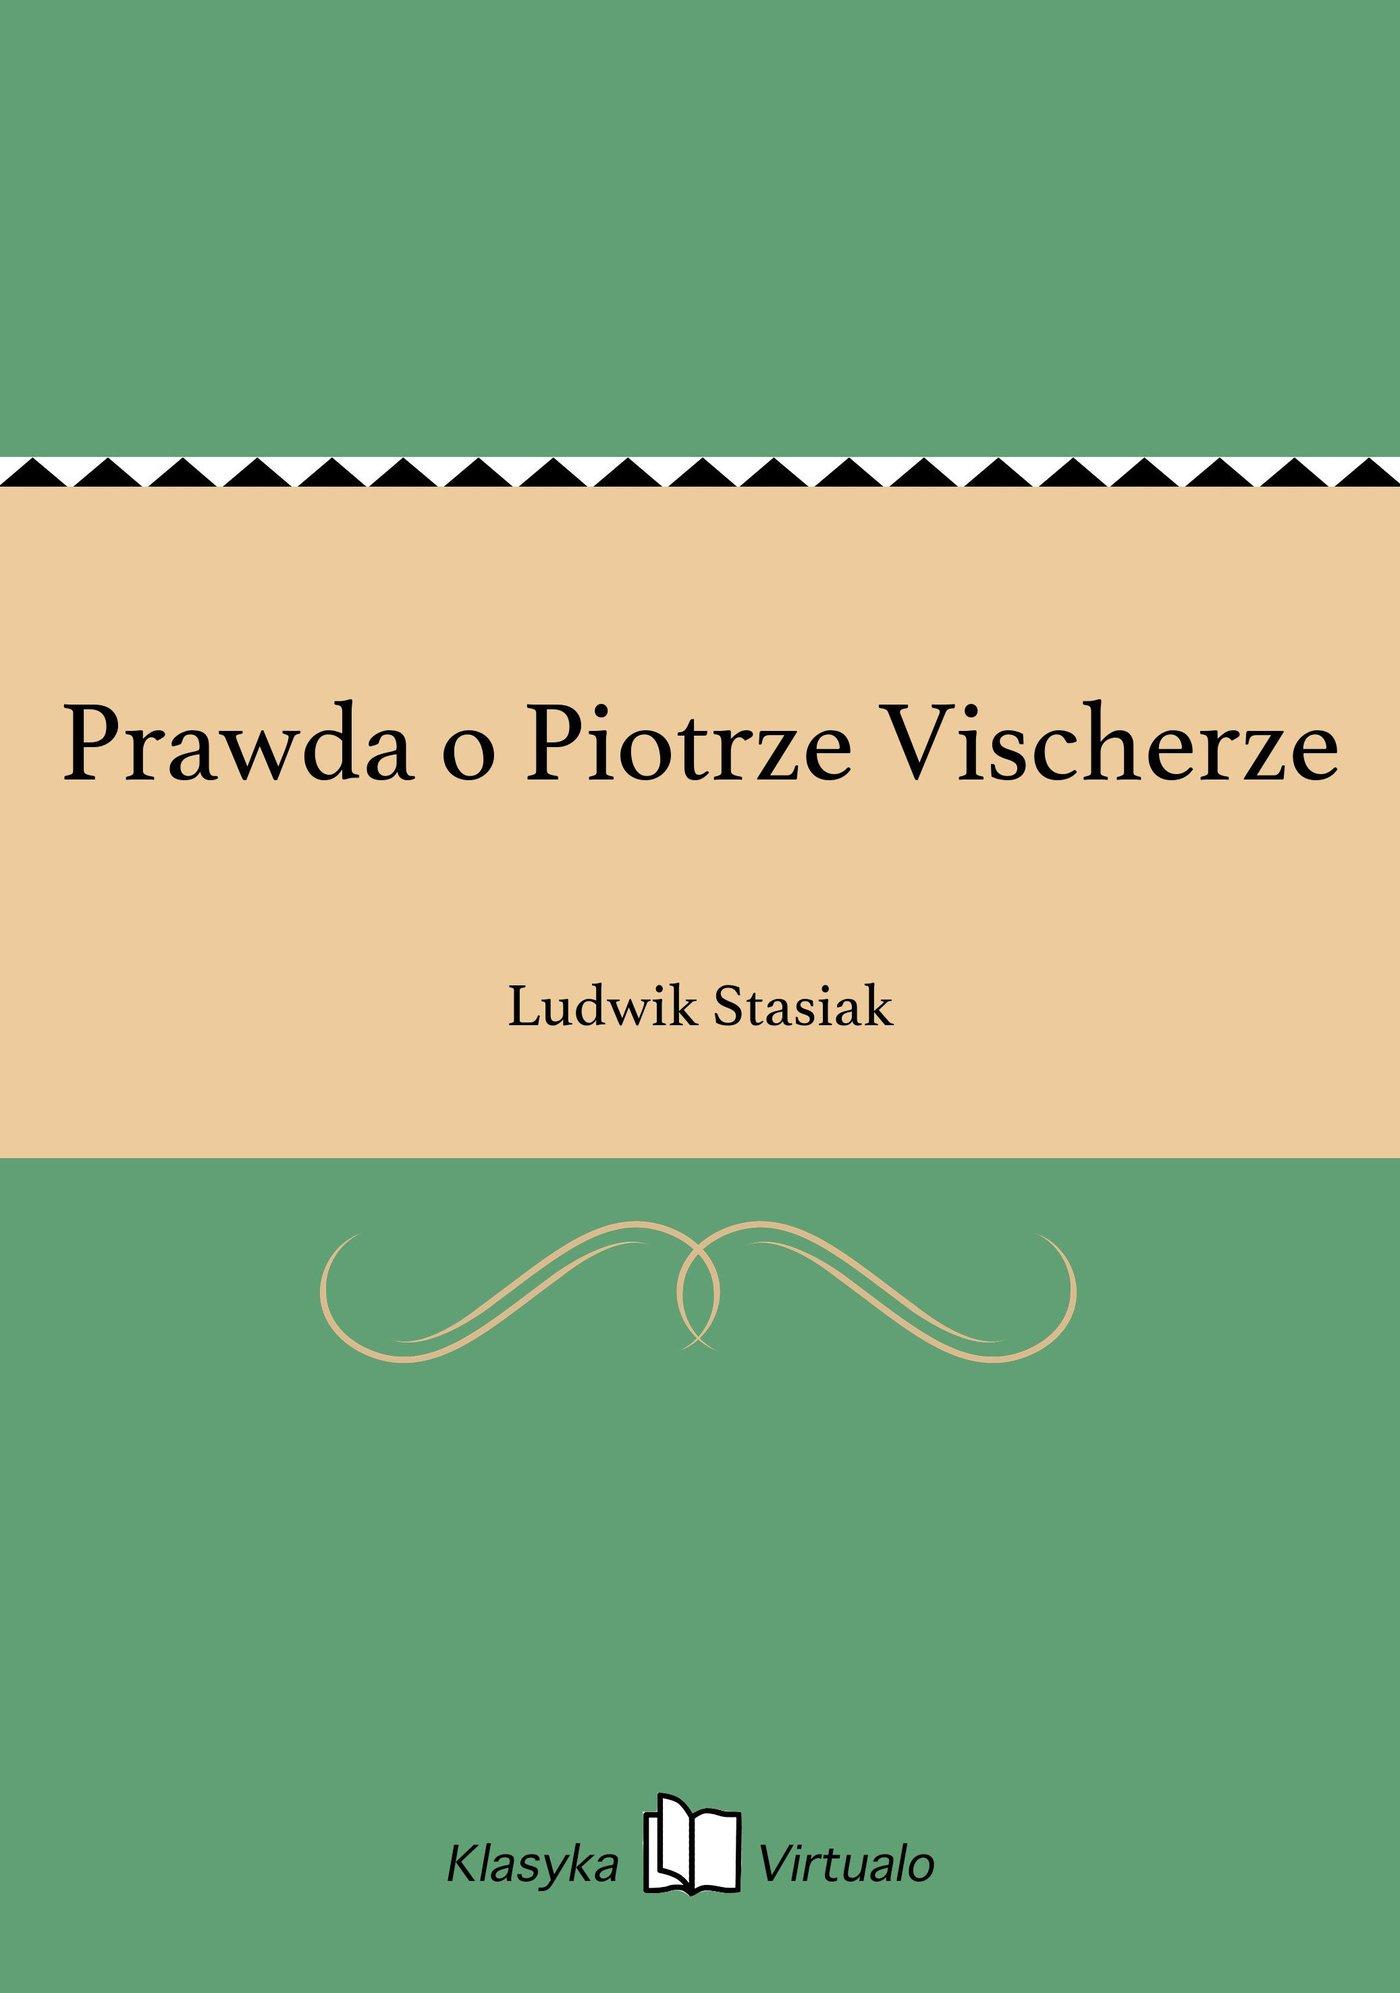 Prawda o Piotrze Vischerze - Ebook (Książka EPUB) do pobrania w formacie EPUB